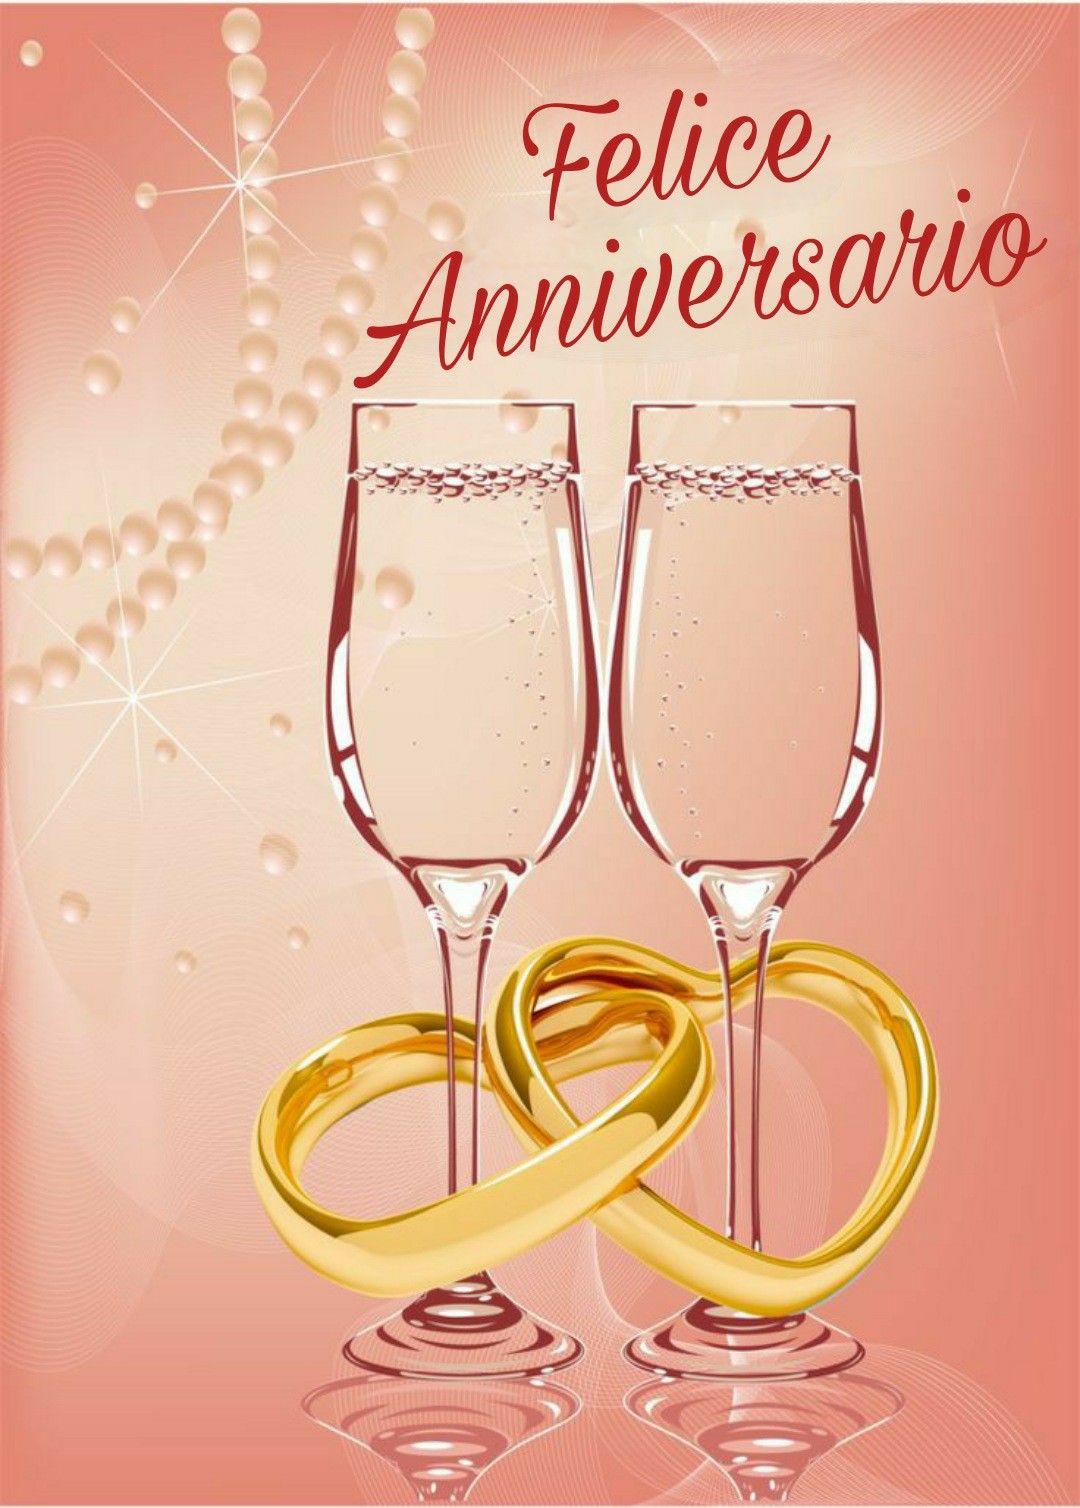 Buon Anniversario Nozze Nel 2020 Auguri Di Buon Anniversario Di Matrimonio Immagini Di Anniversario Di Matrimonio Buon Anniversario